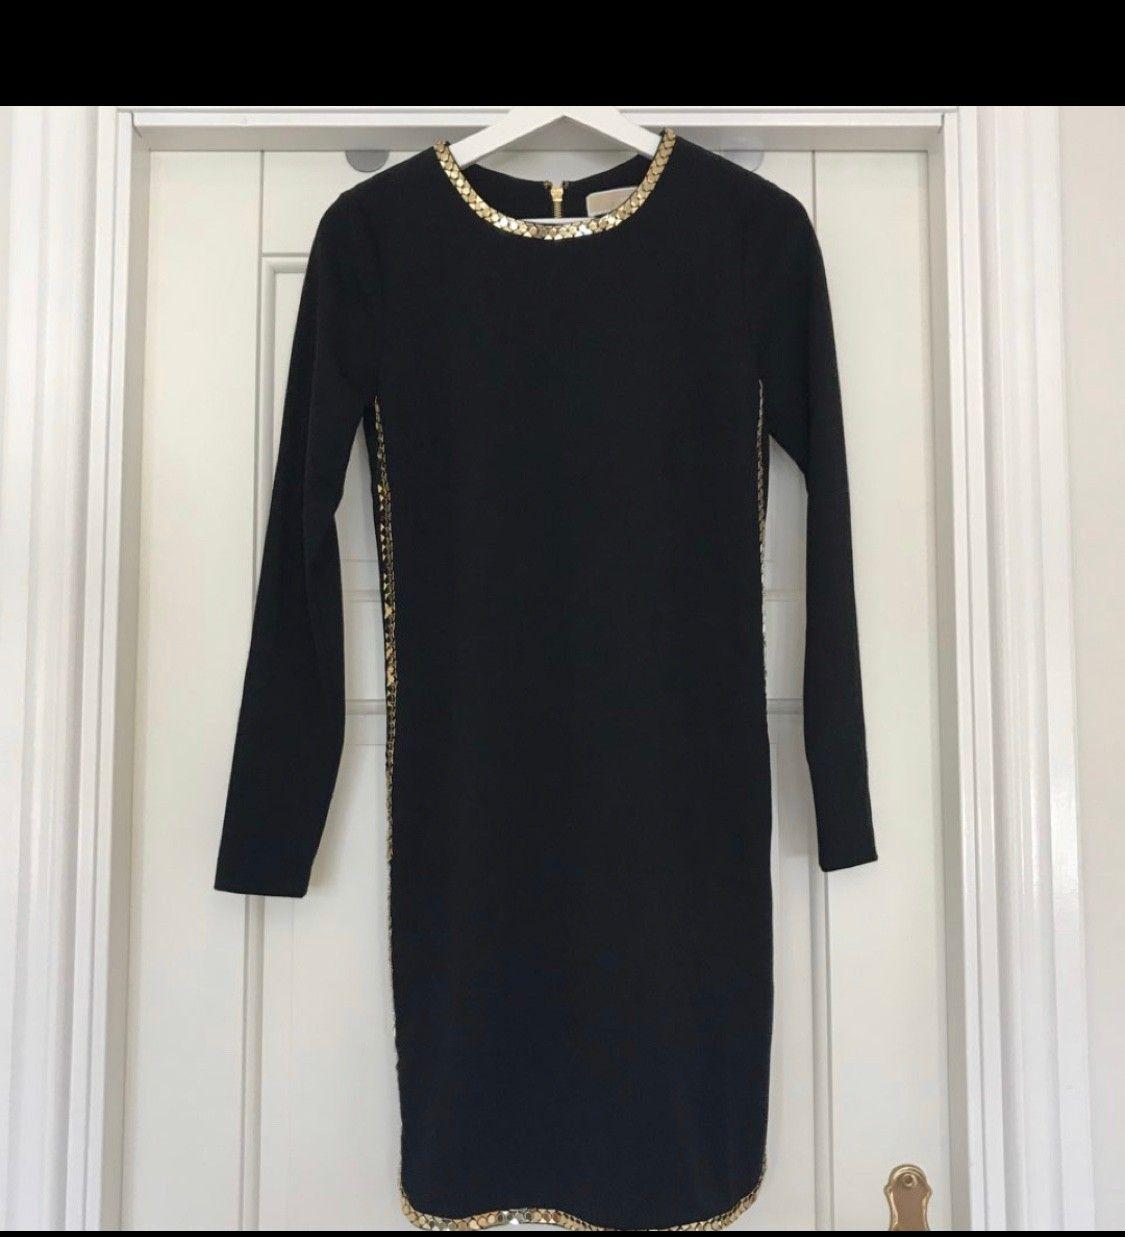 Michael Kors kjole, sort.   FINN.no